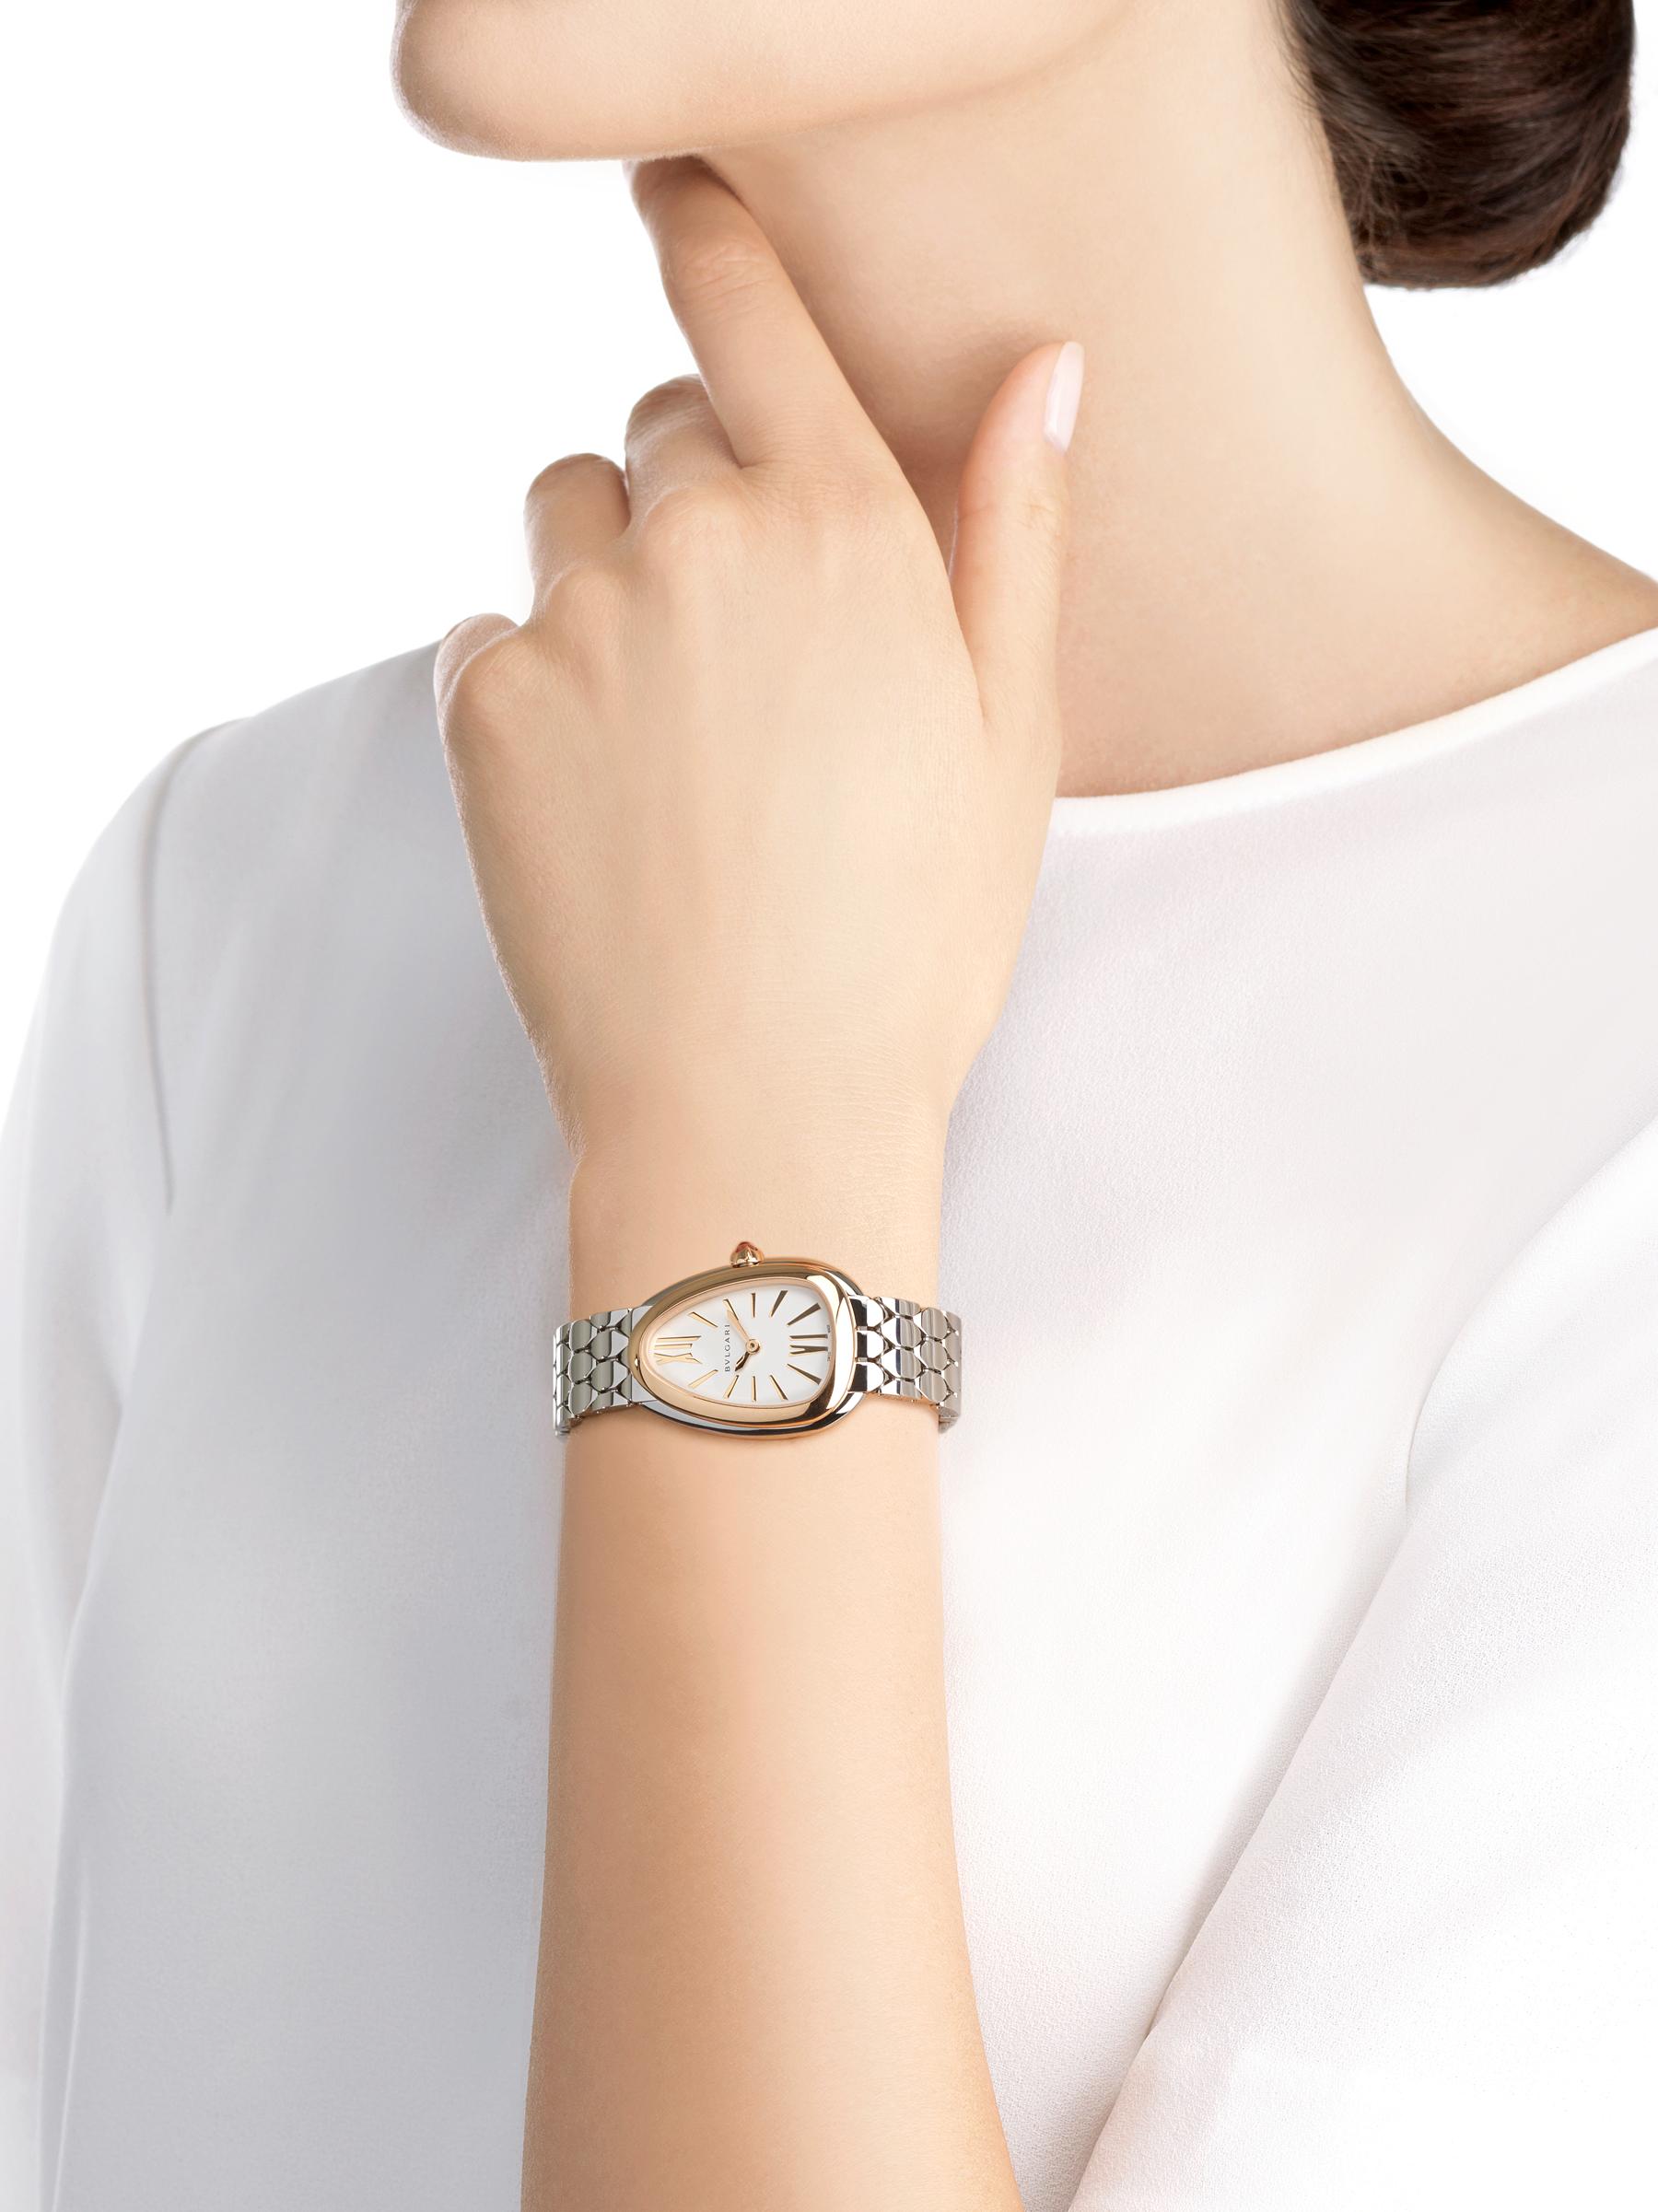 Relógio Serpenti Seduttori com caixa em aço, pulseira em aço, bezel em ouro rosa 18K e mostrador em opalina branco-prata. 103144 image 4